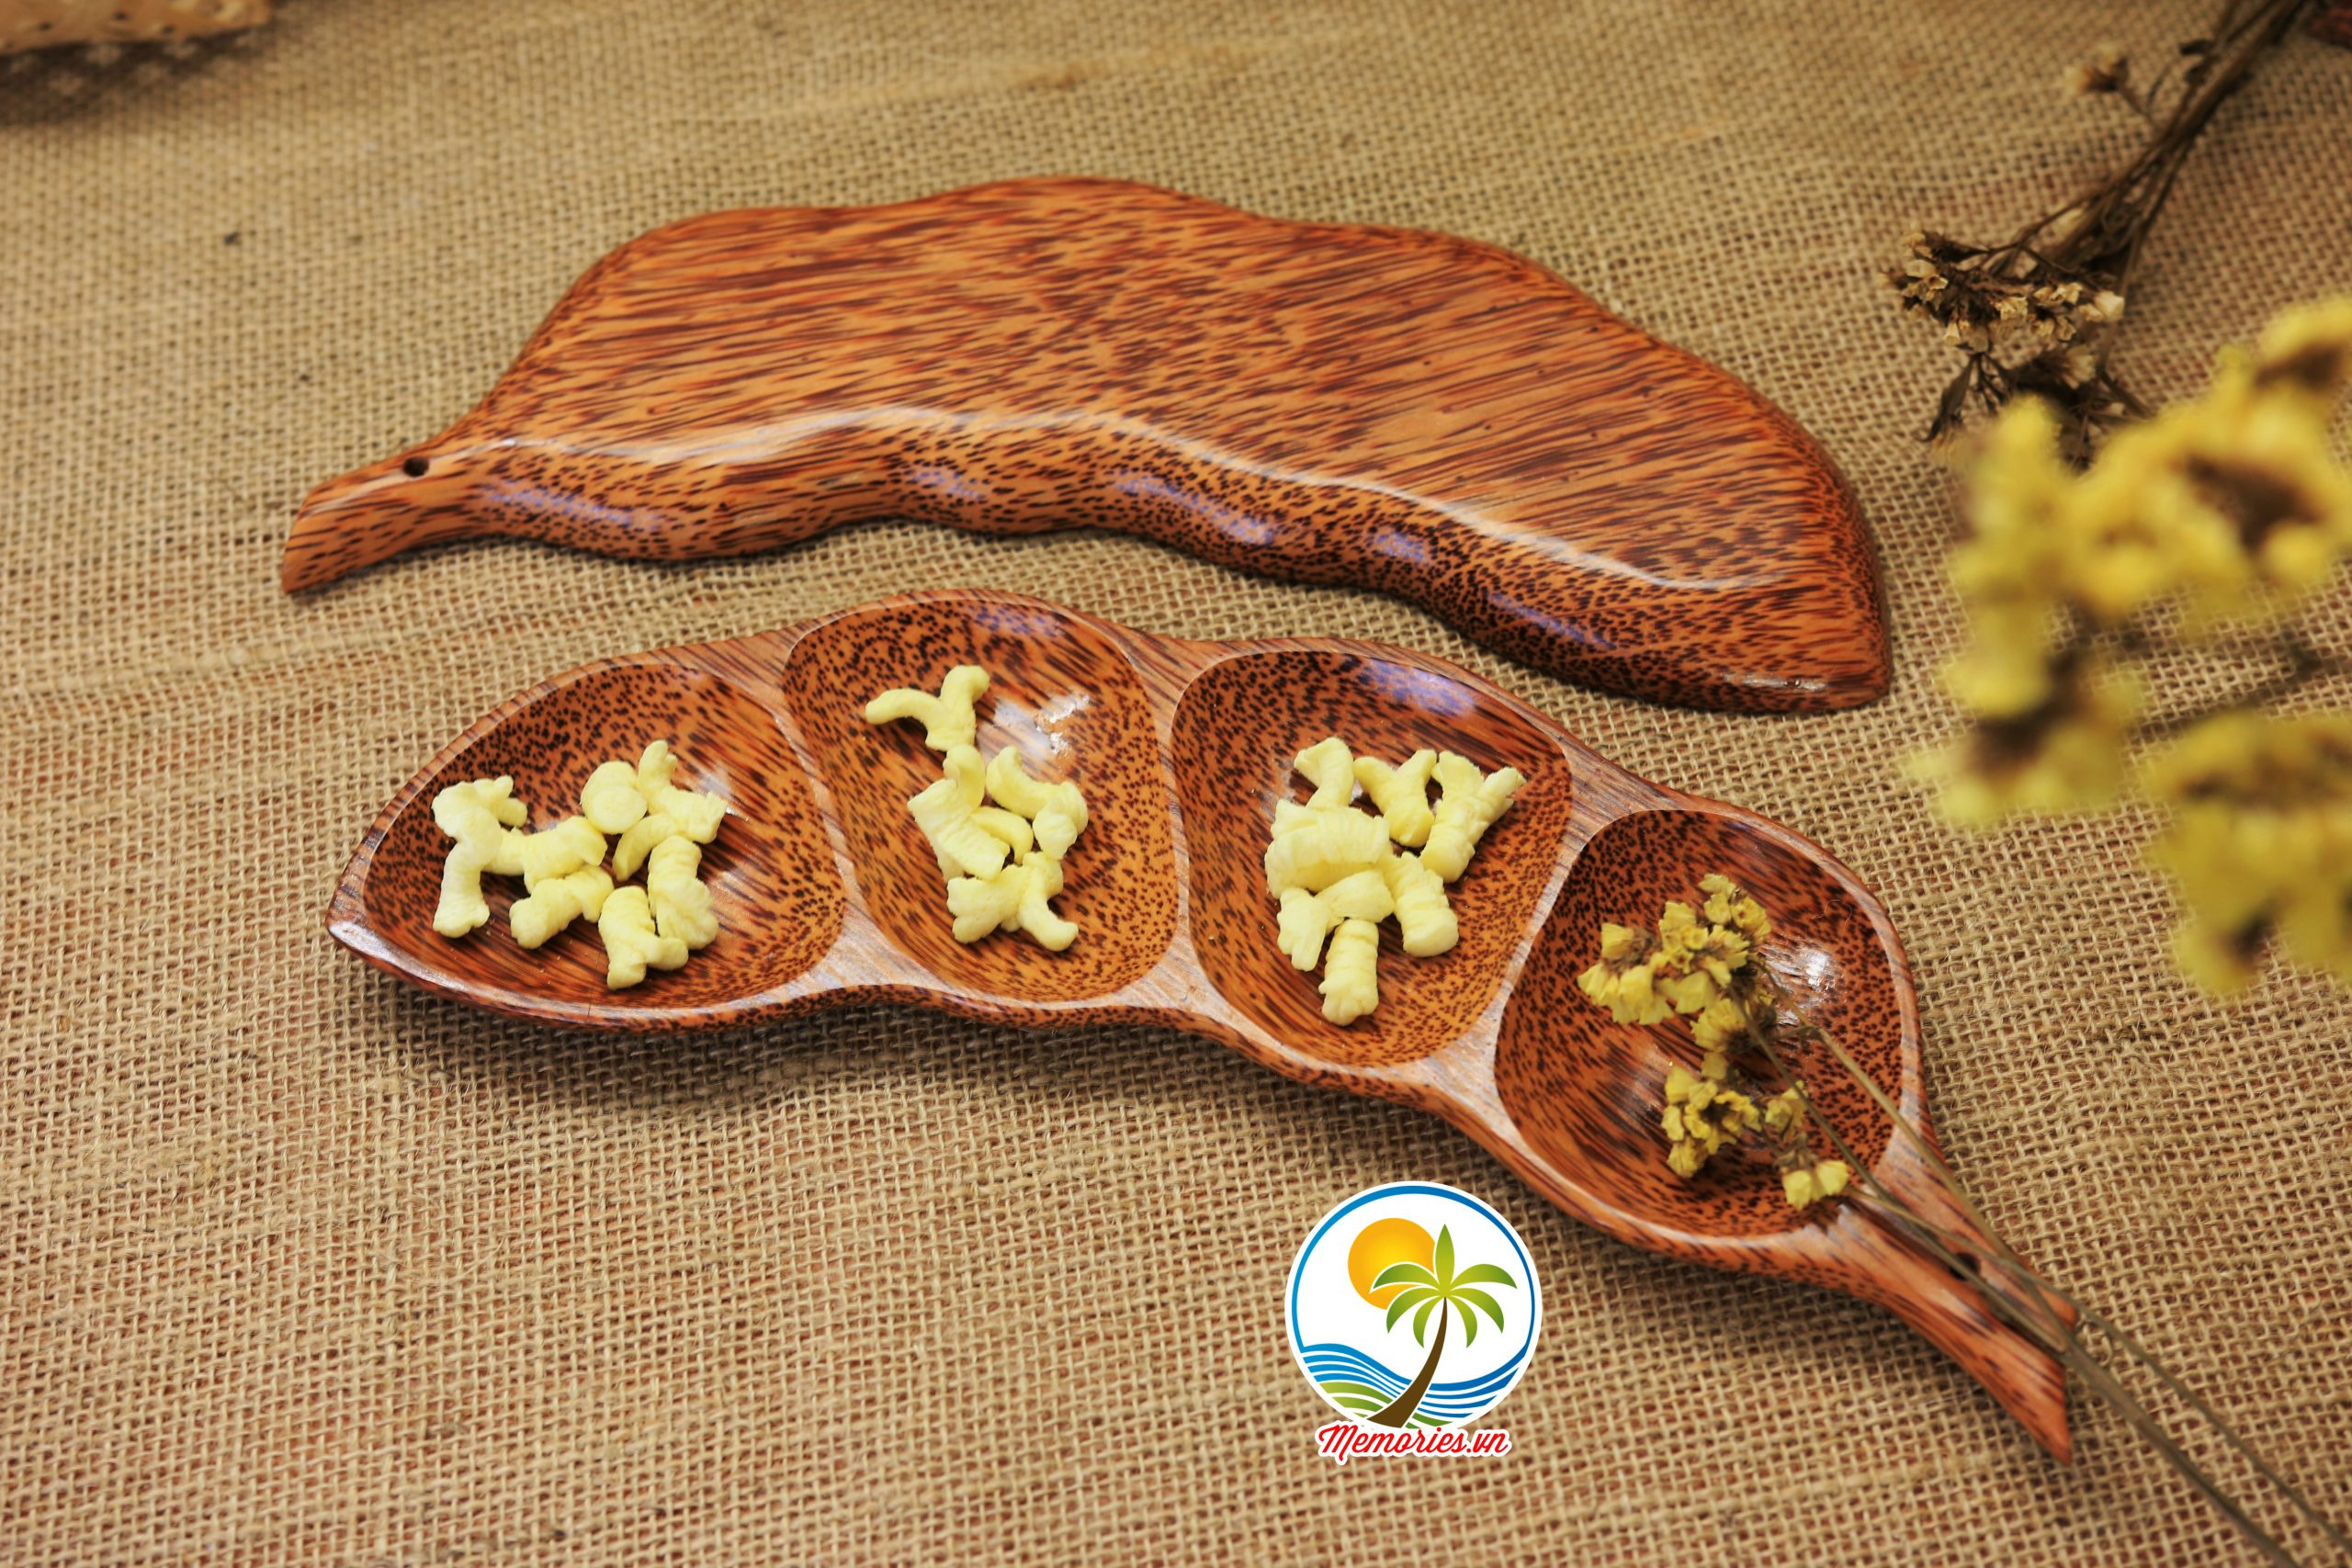 Đĩa Hình Trái Đậu / Trái Me Bằng Gỗ Dừa - Quà tặng trang trí handmade - Memories.vn Craft Decor Arts